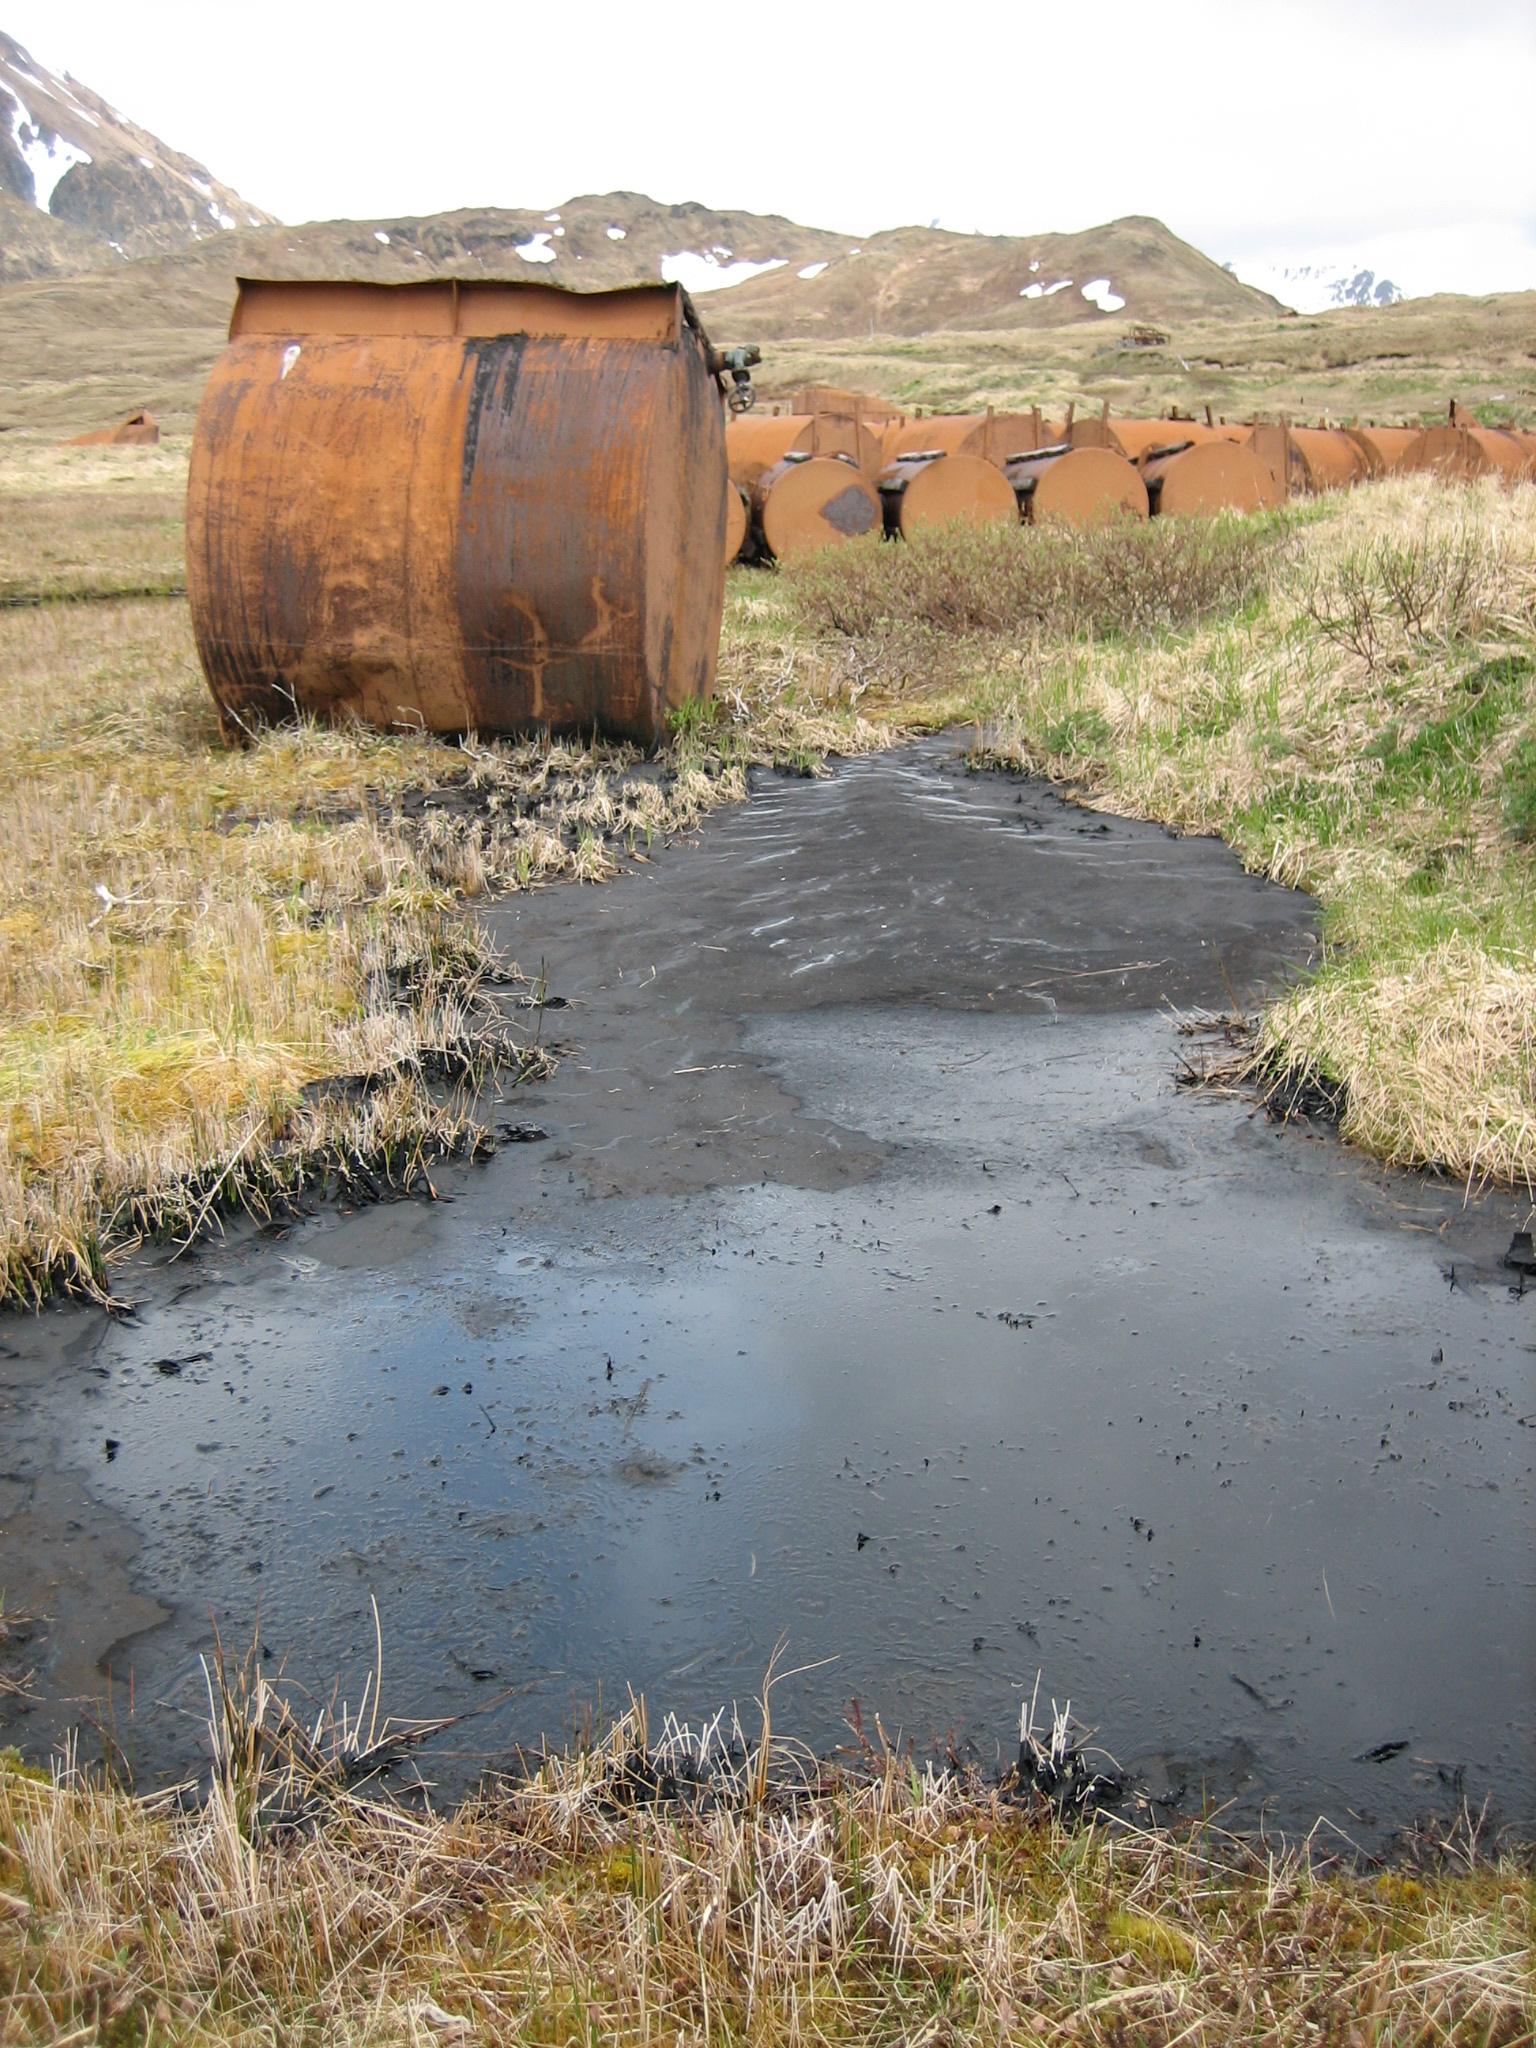 A fuel tank spill.